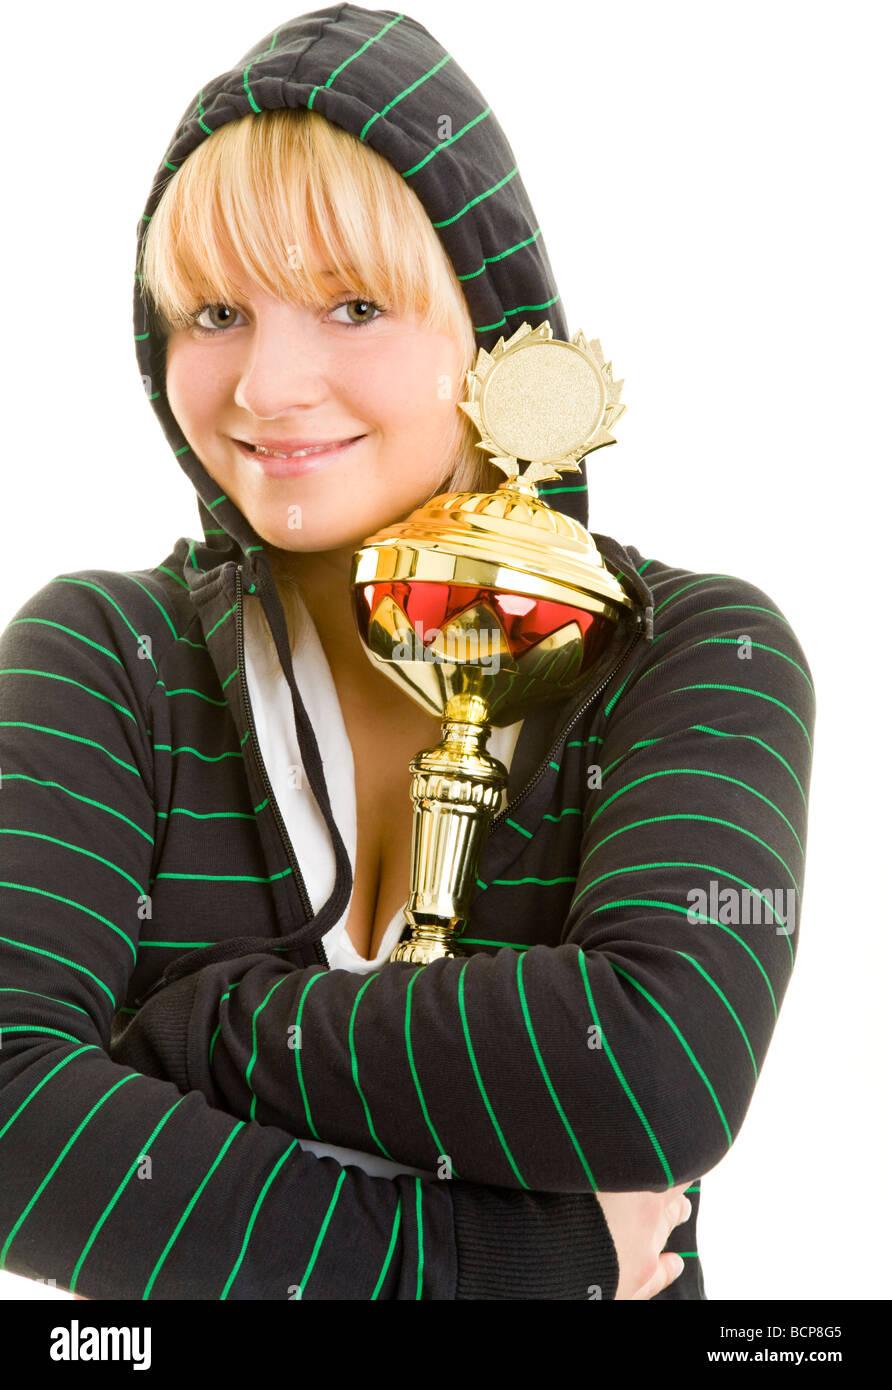 Junge Frau in Sportkleidung umarmt lachend einen Pokal Stock Photo